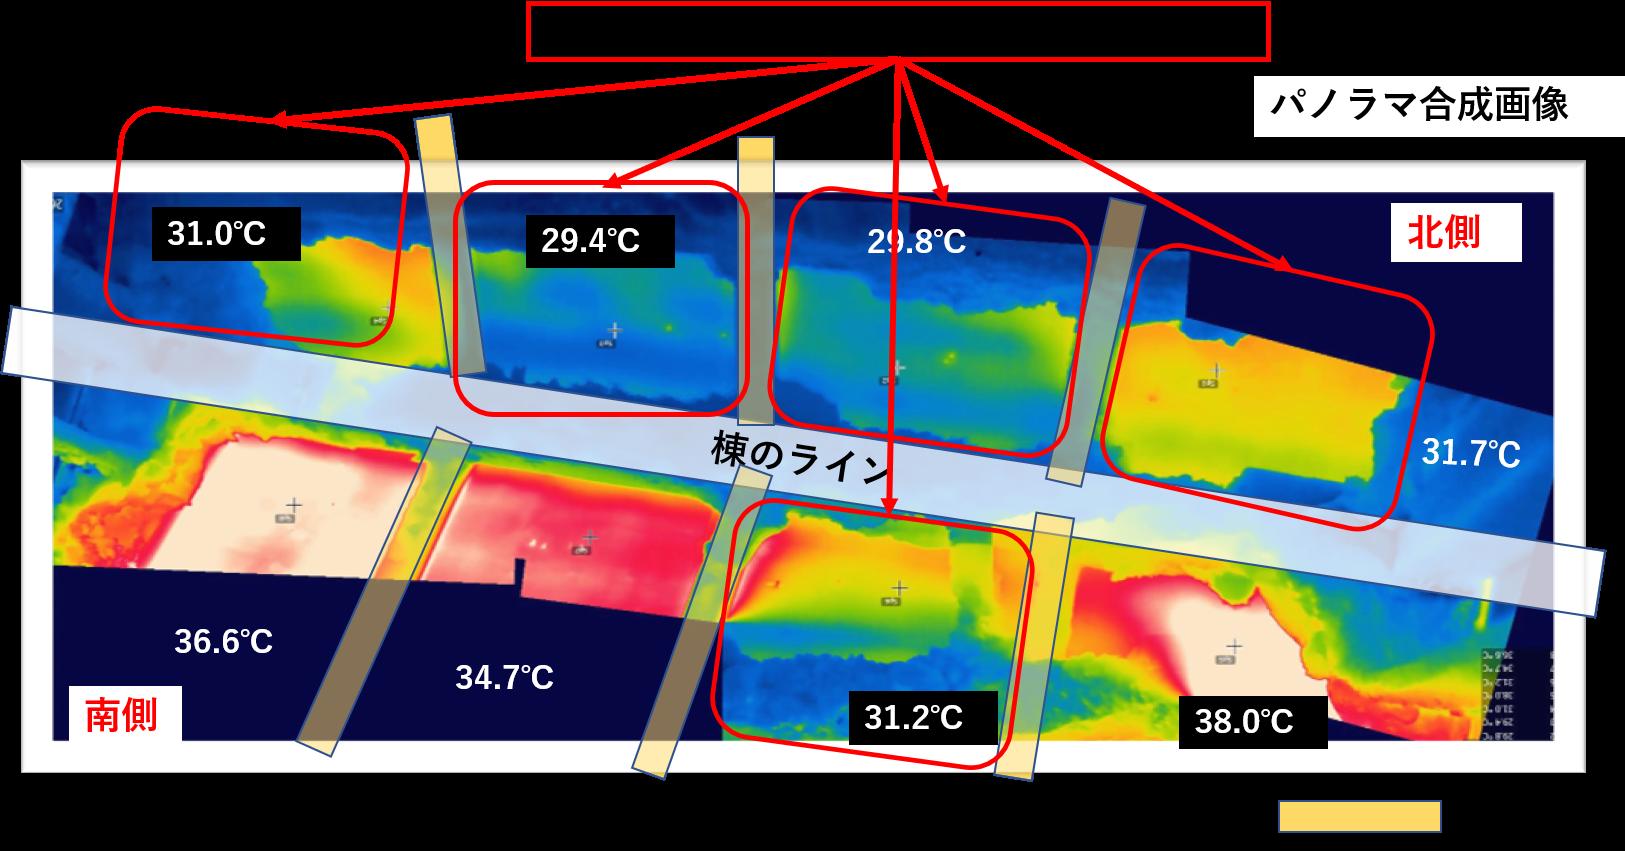 棟周辺の温度を撮影したサーモグラフィ赤外線写真